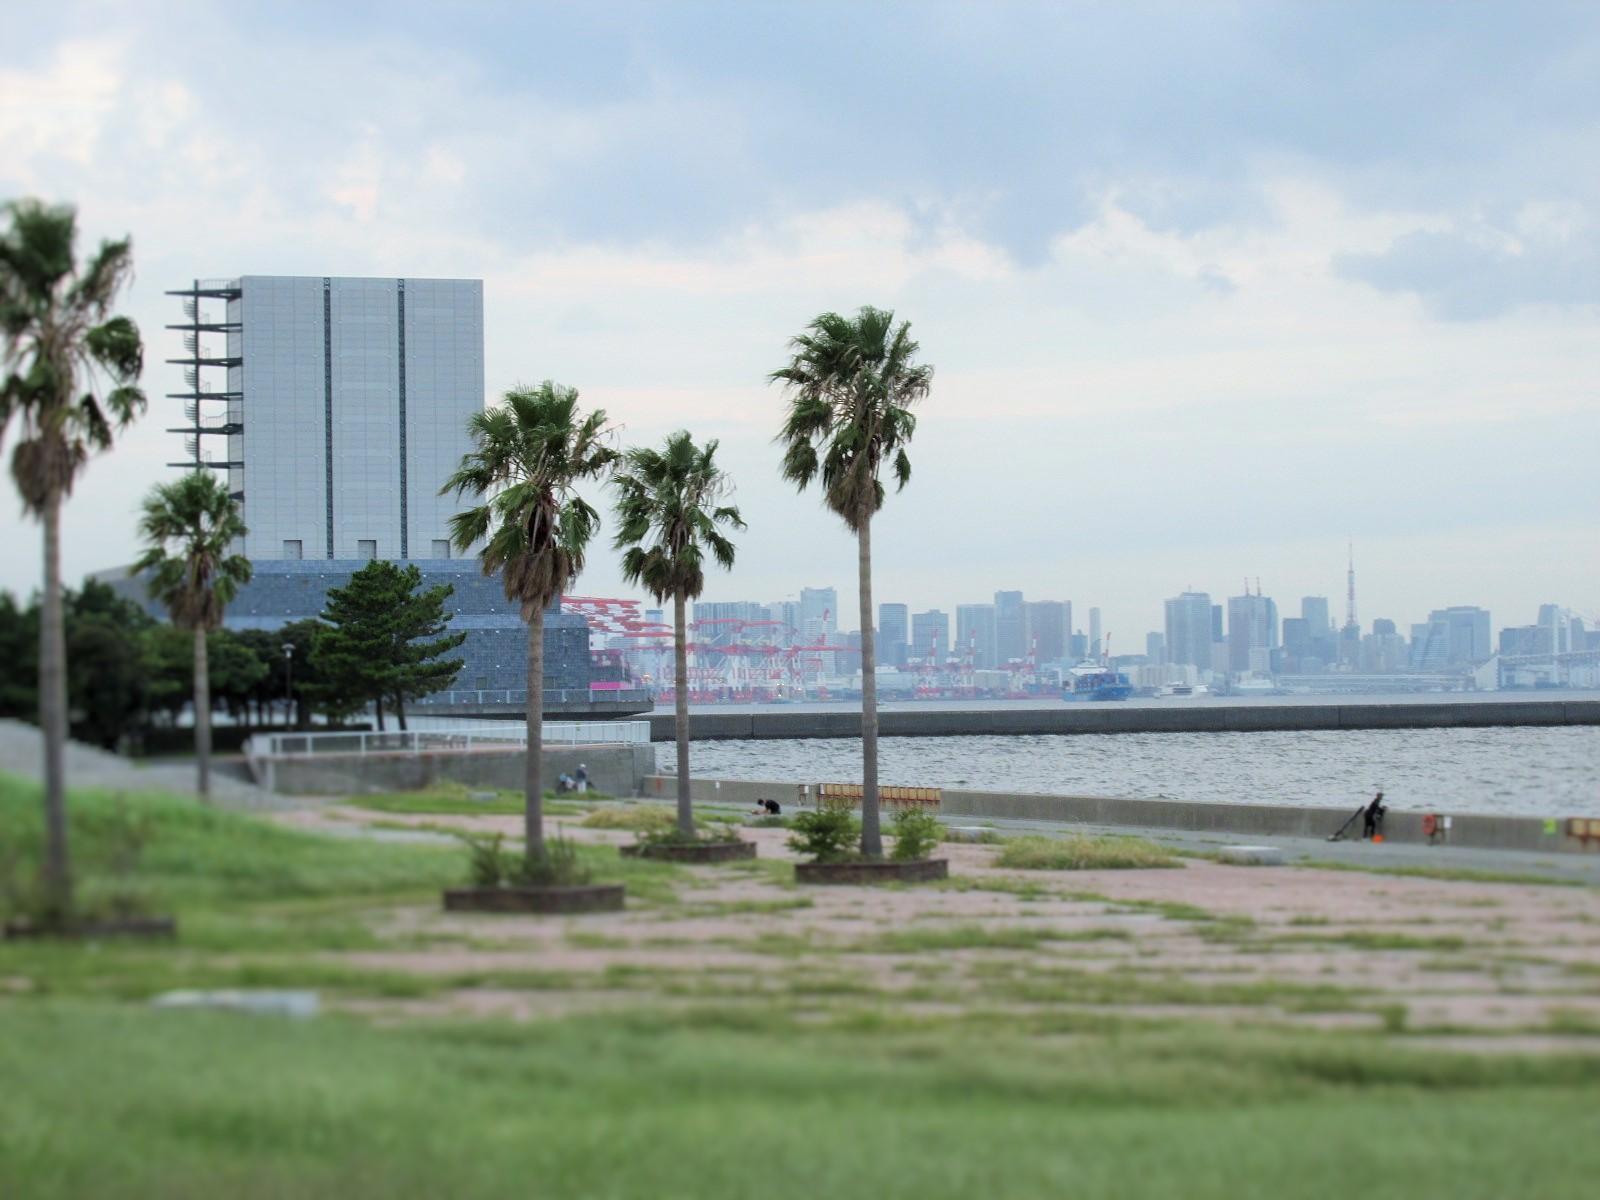 城南 島 海浜 公園 城南島海浜公園 東京港南部地区海上公園ガイド